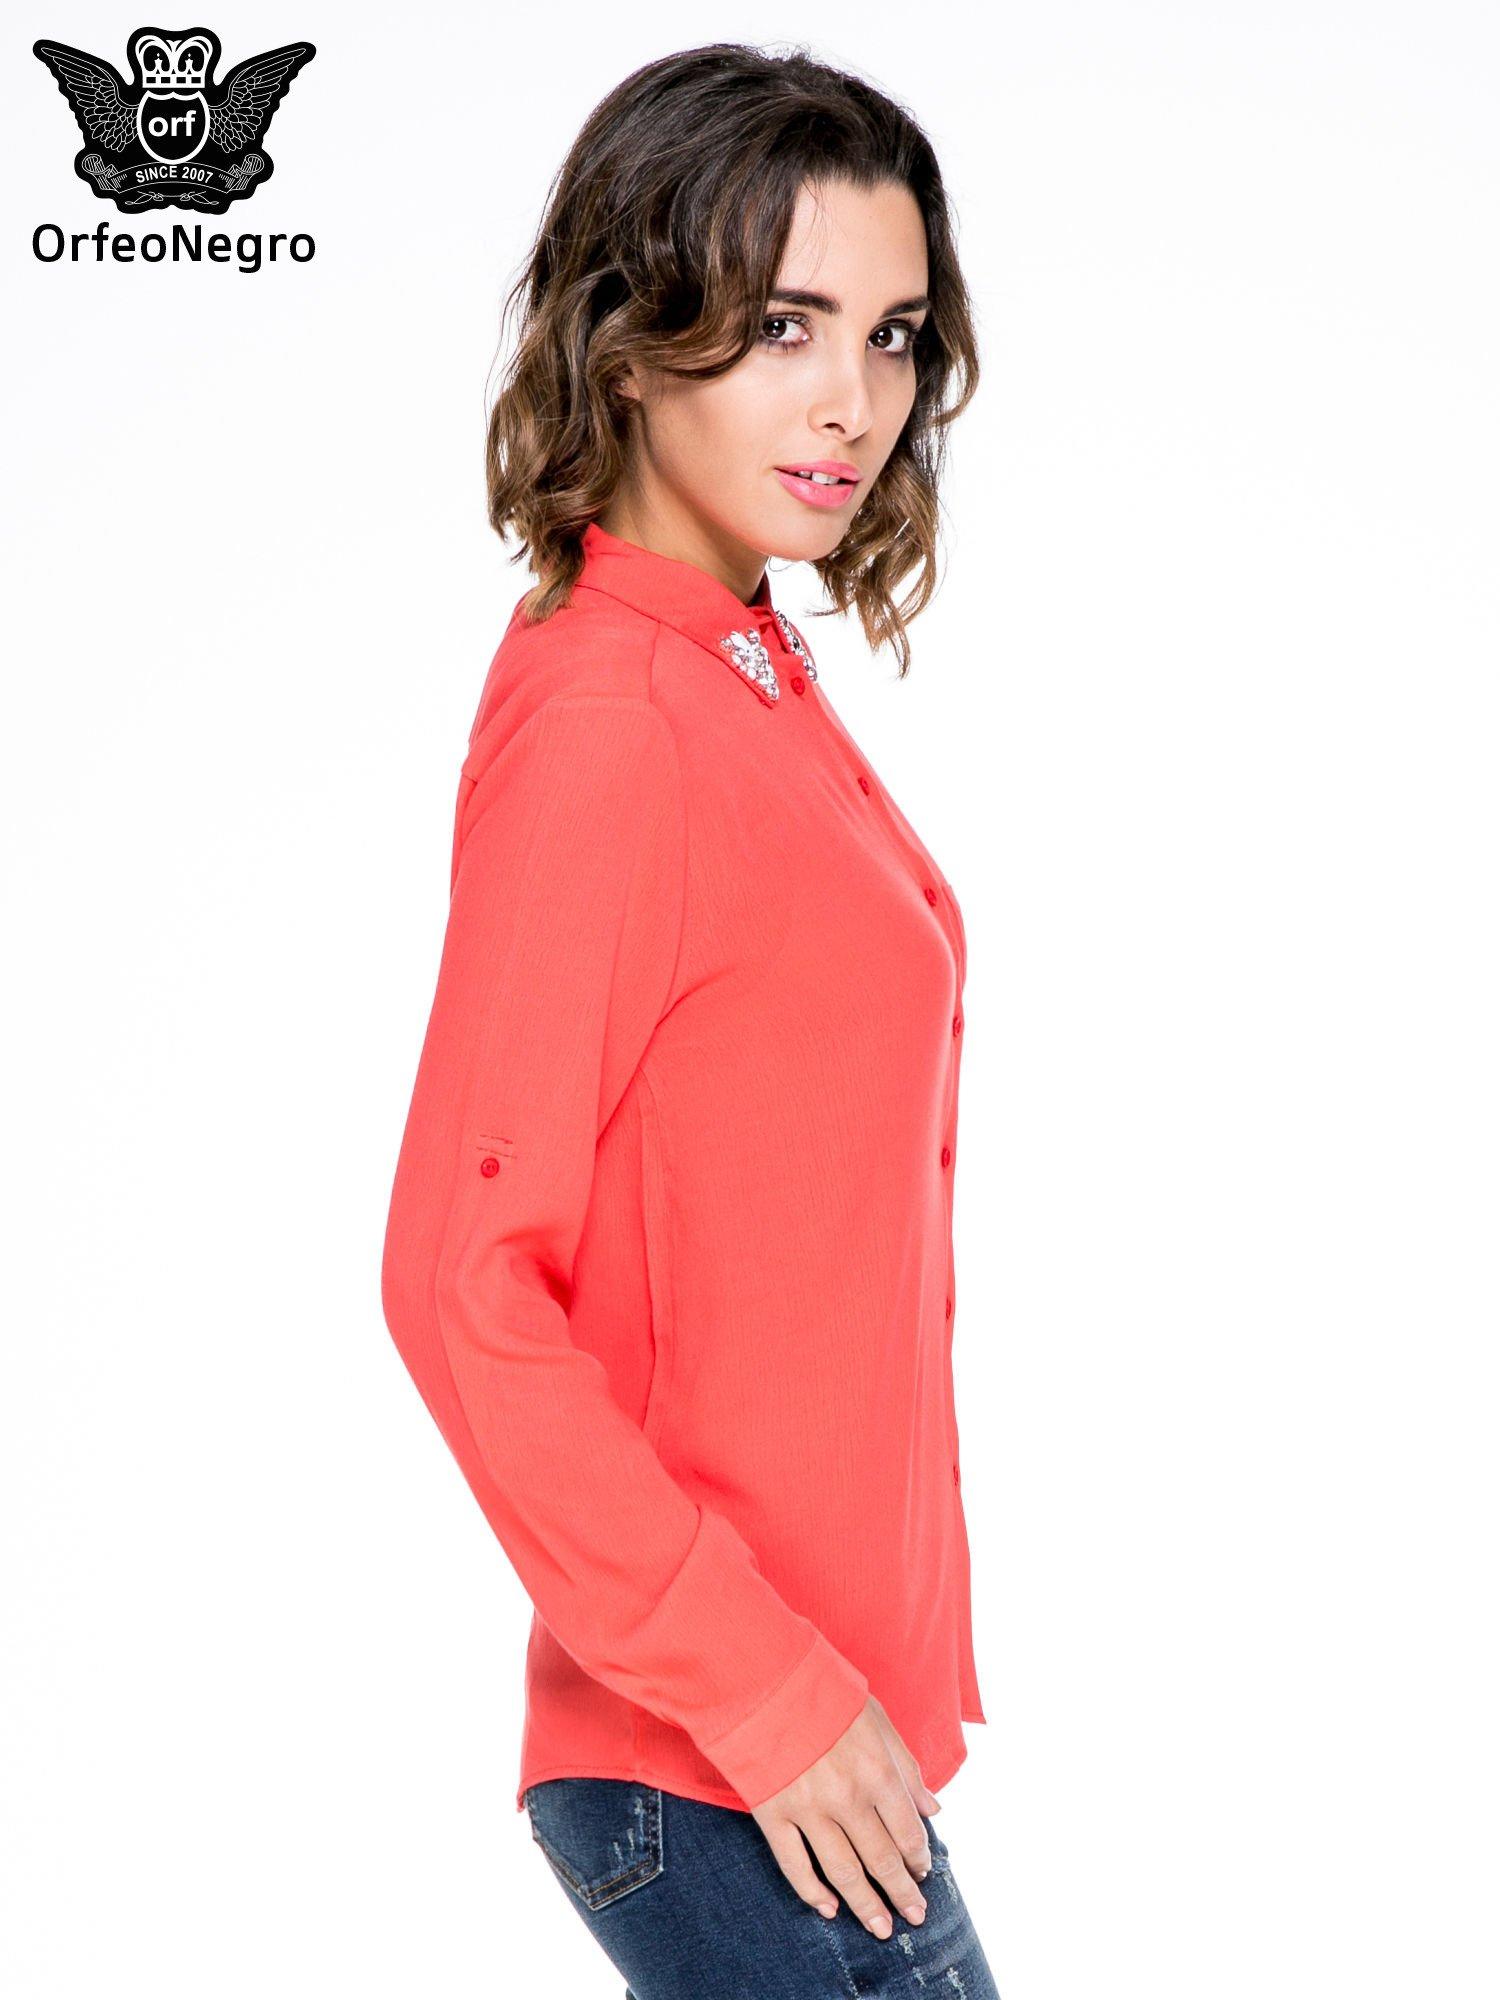 Koralowa koszula z biżuteryjnym kołnierzykiem i kieszonką                                  zdj.                                  3